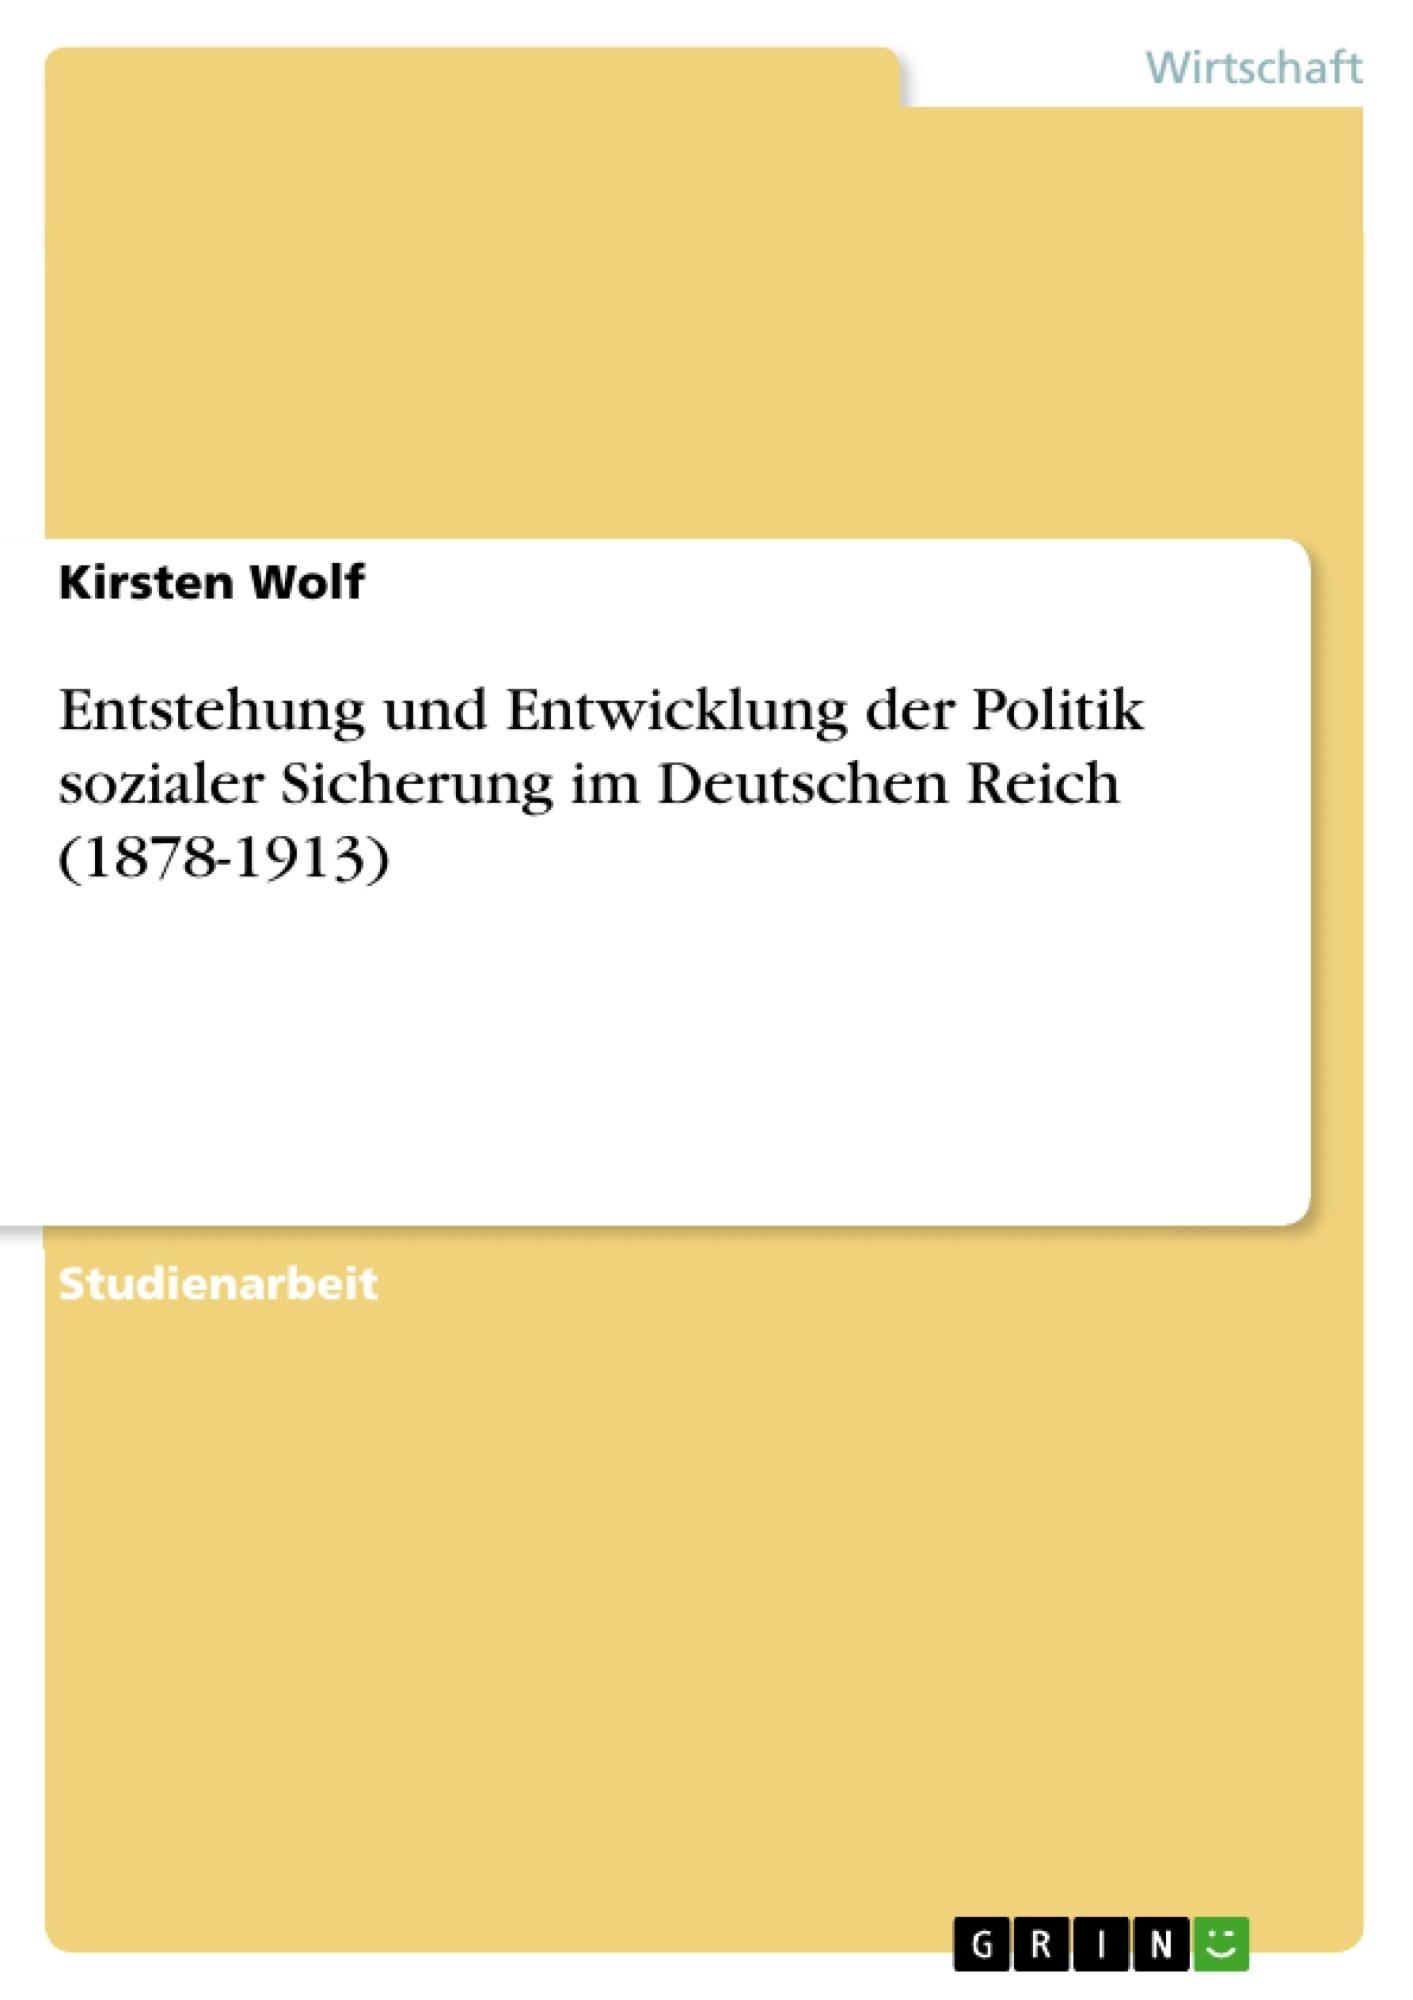 Titel: Entstehung und Entwicklung der Politik sozialer Sicherung  im Deutschen Reich (1878-1913)